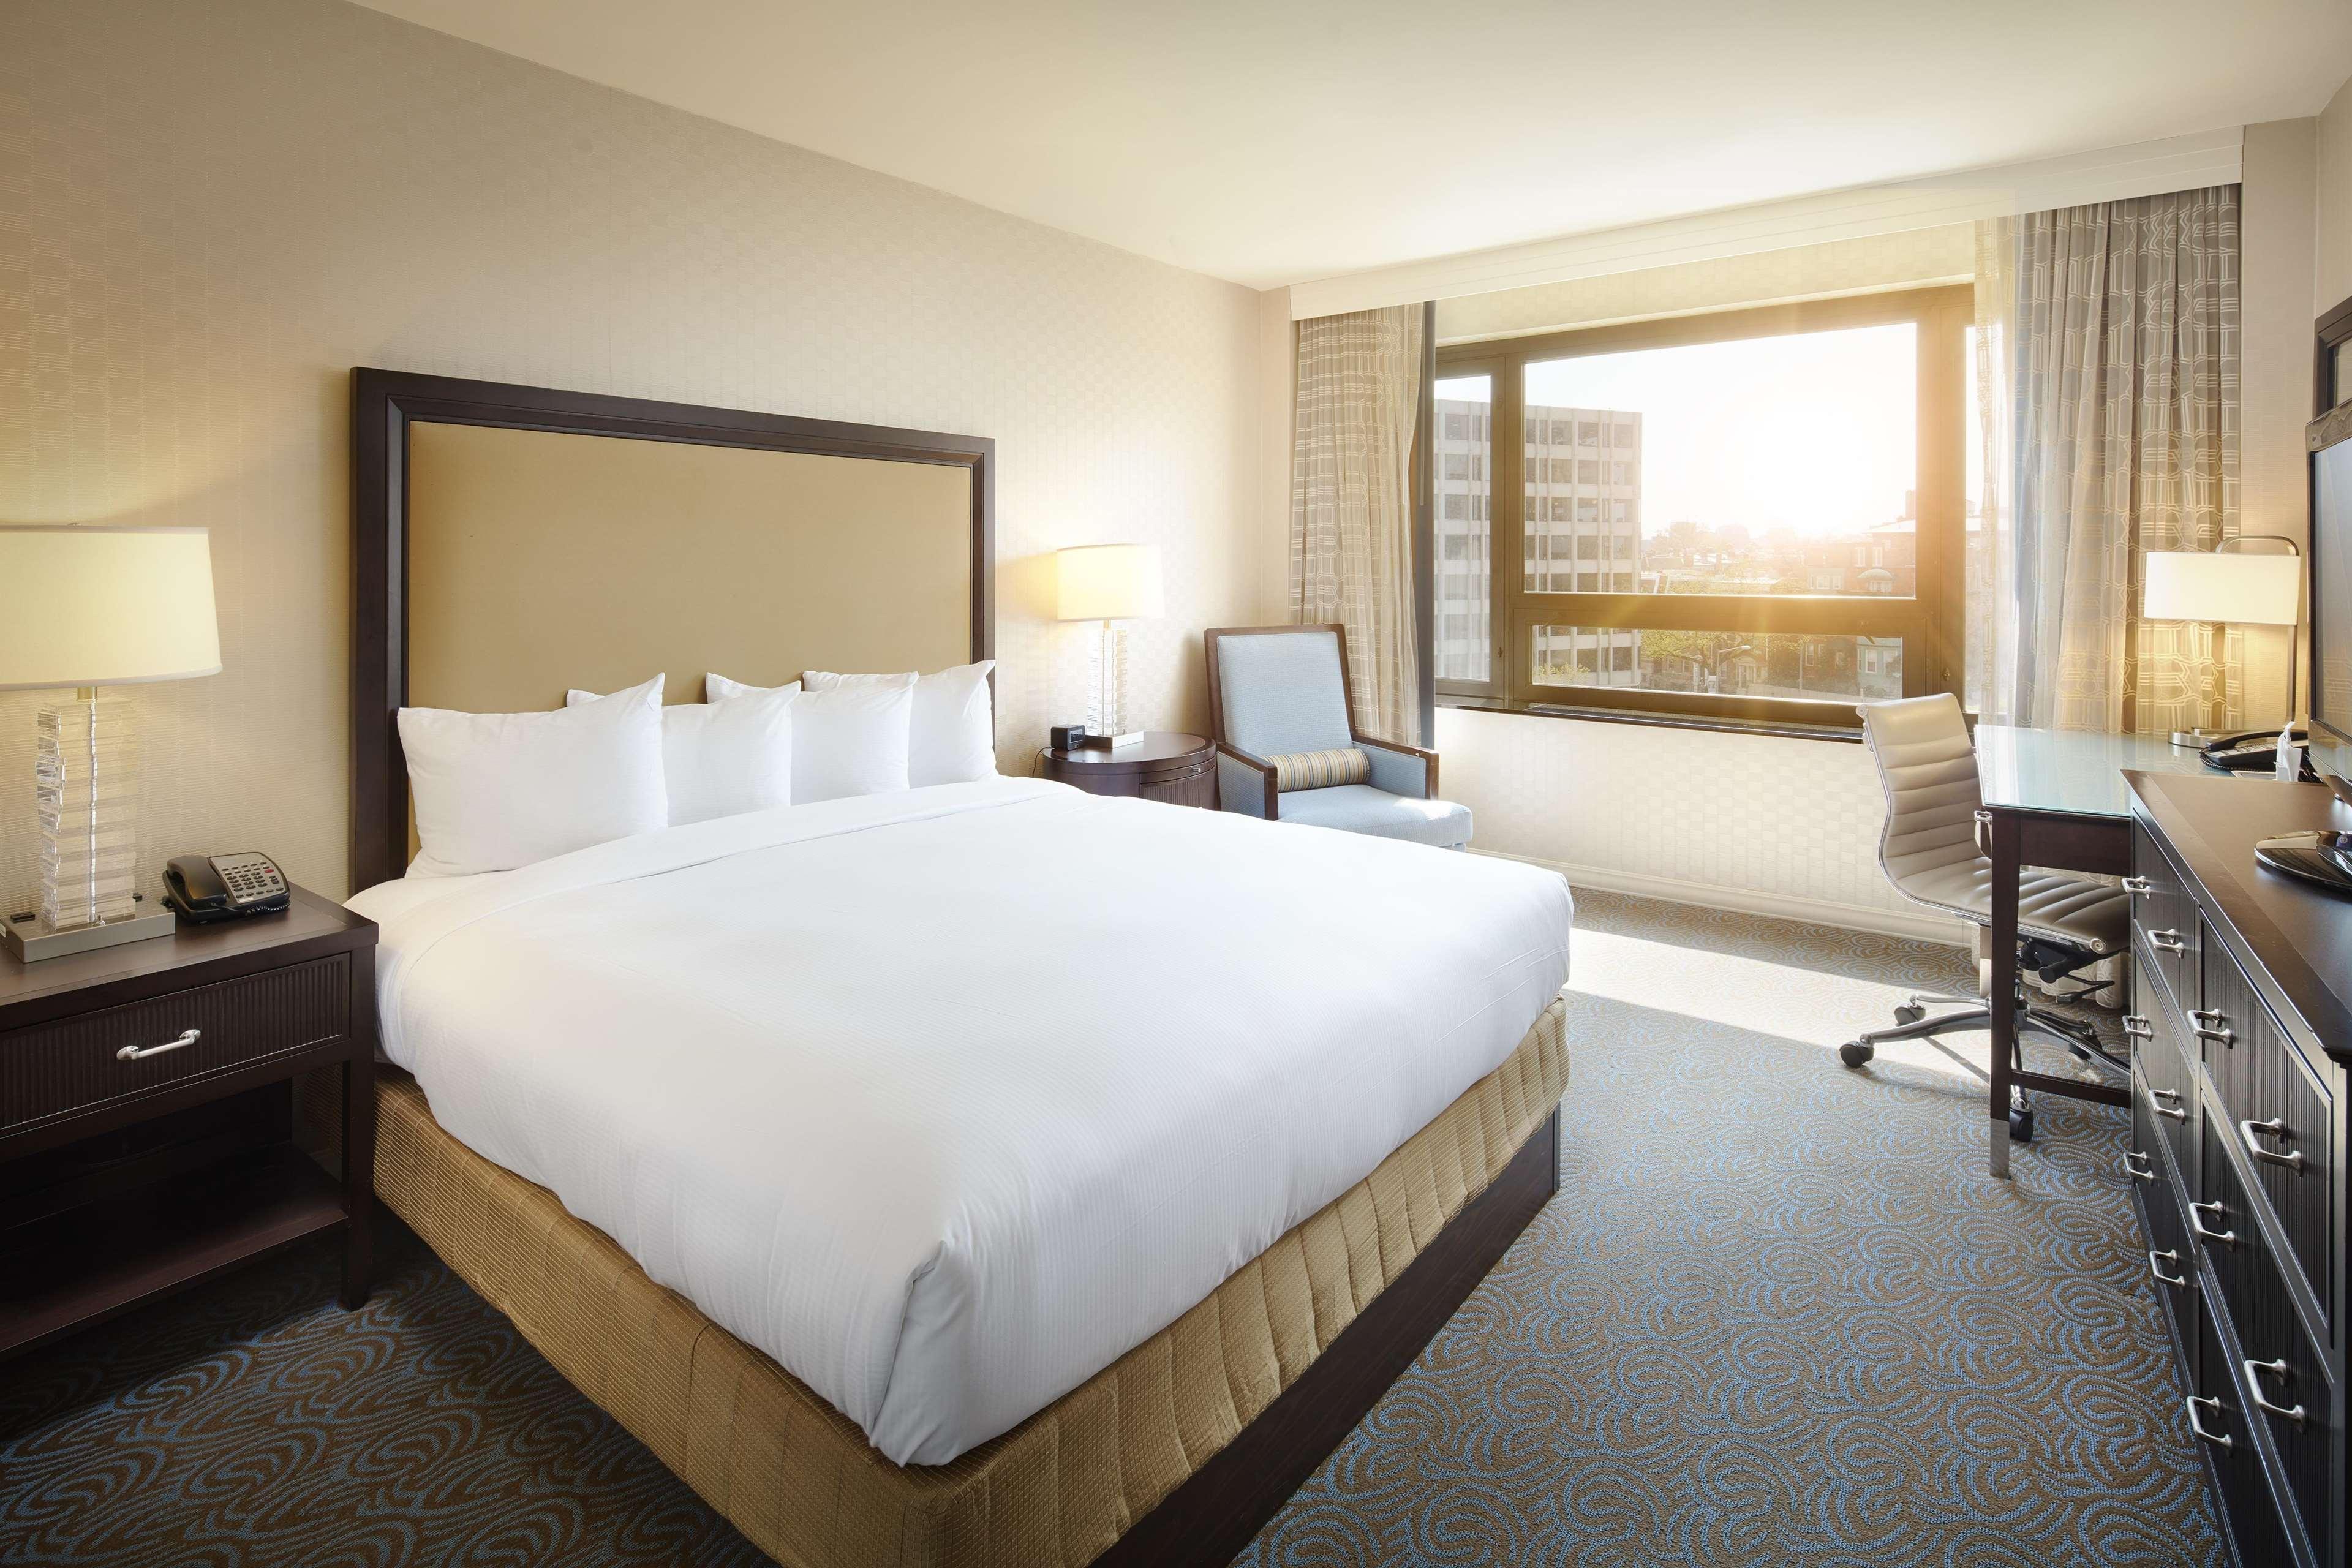 Washington Hilton image 11